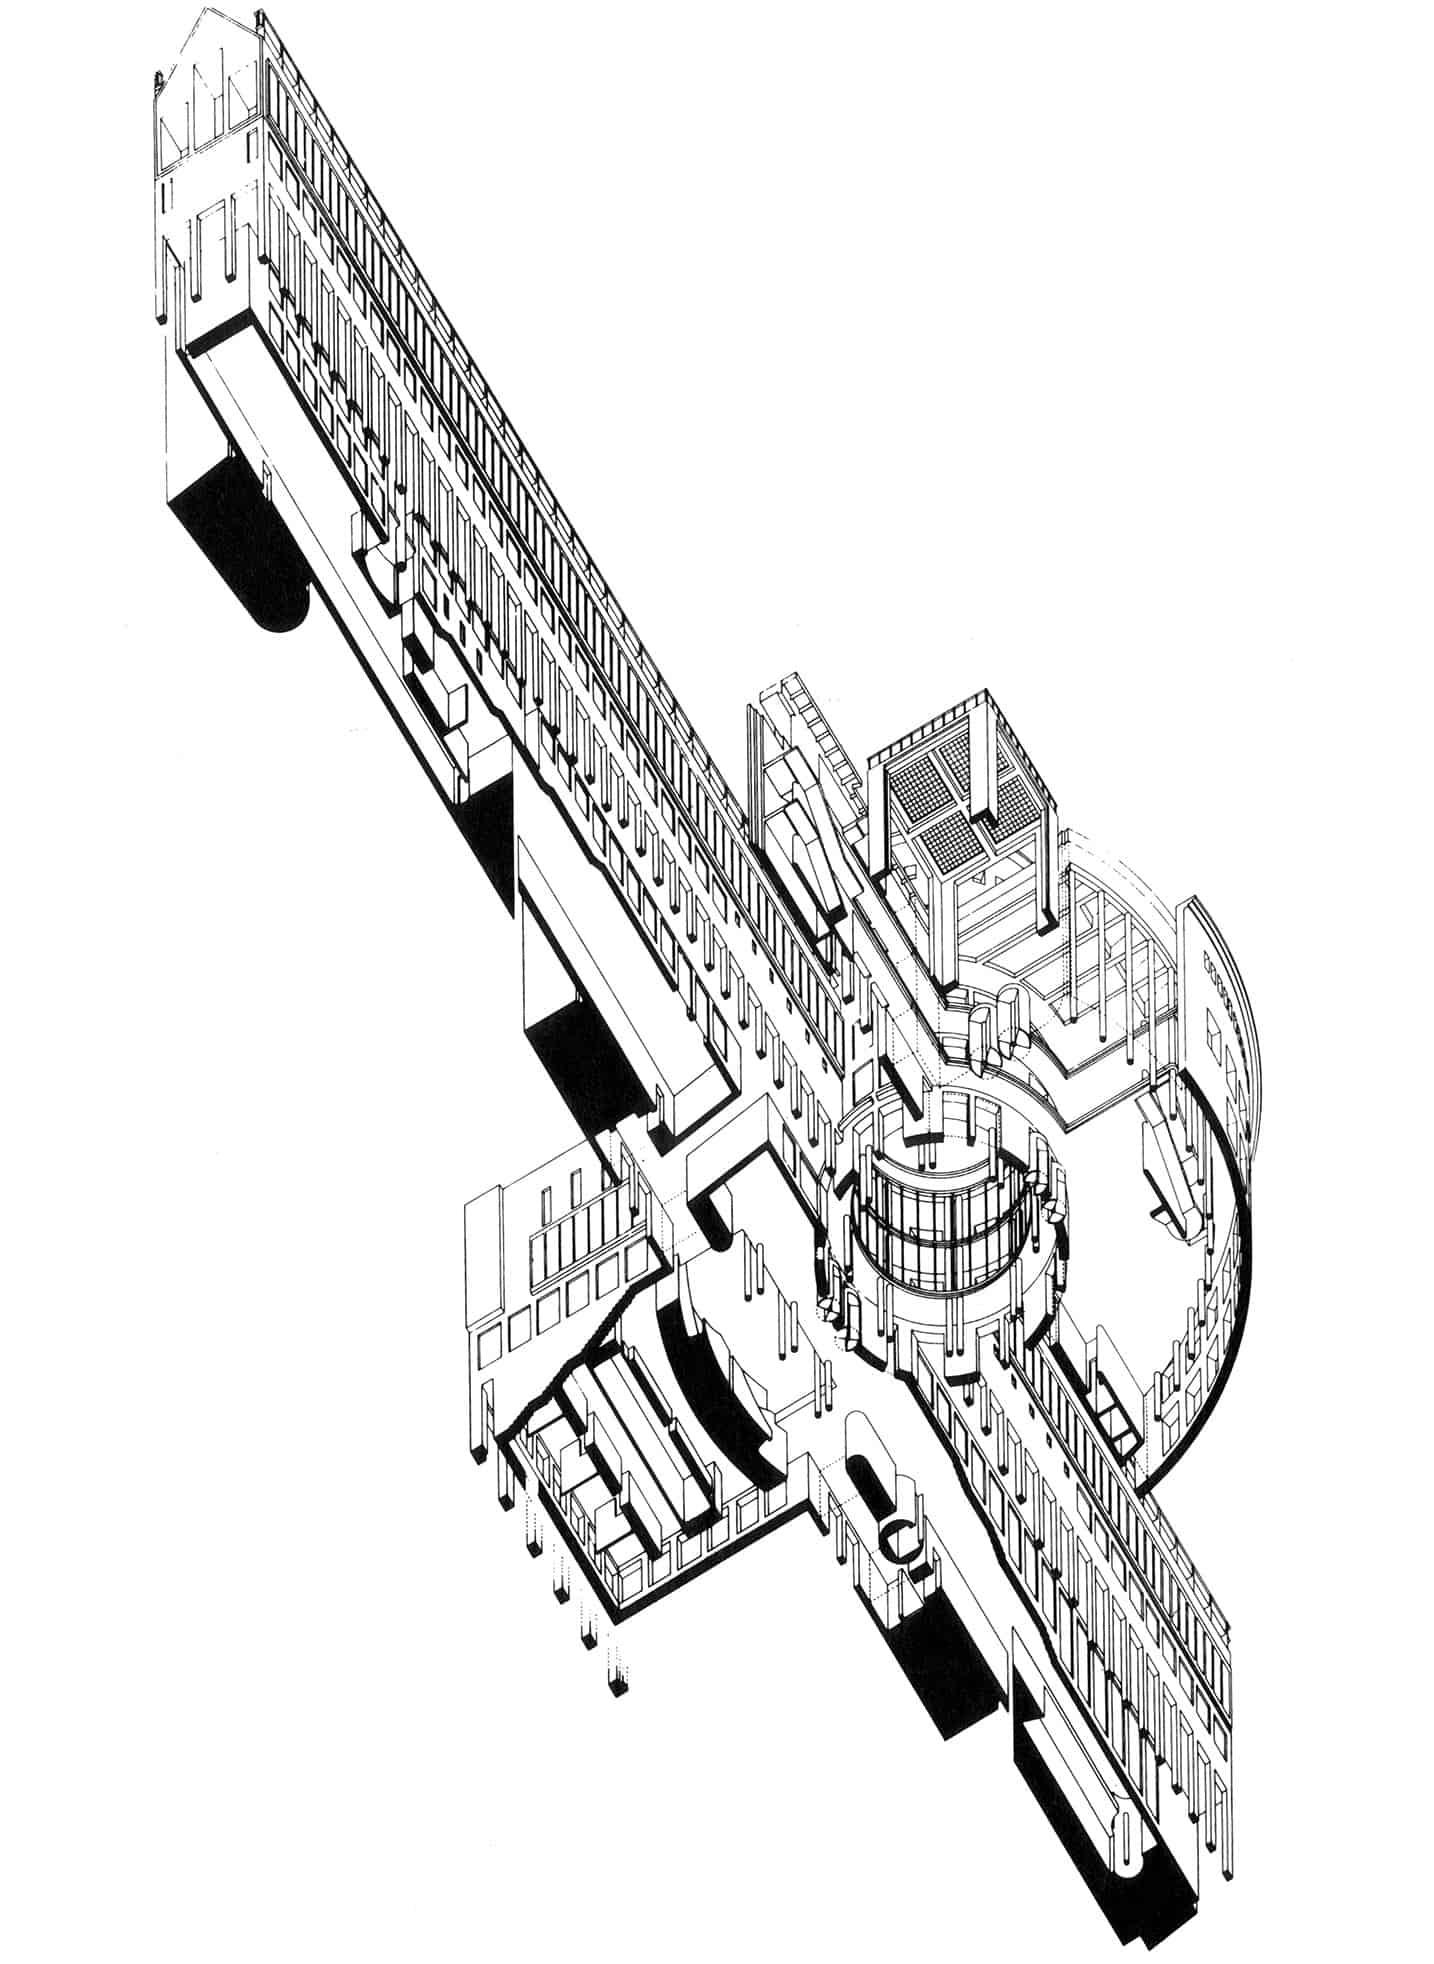 Jansen, Scholz und Schultes (BJSS), Schirn Kunsthalle, Isometrie \ Zeichnung: 1984, © DAM